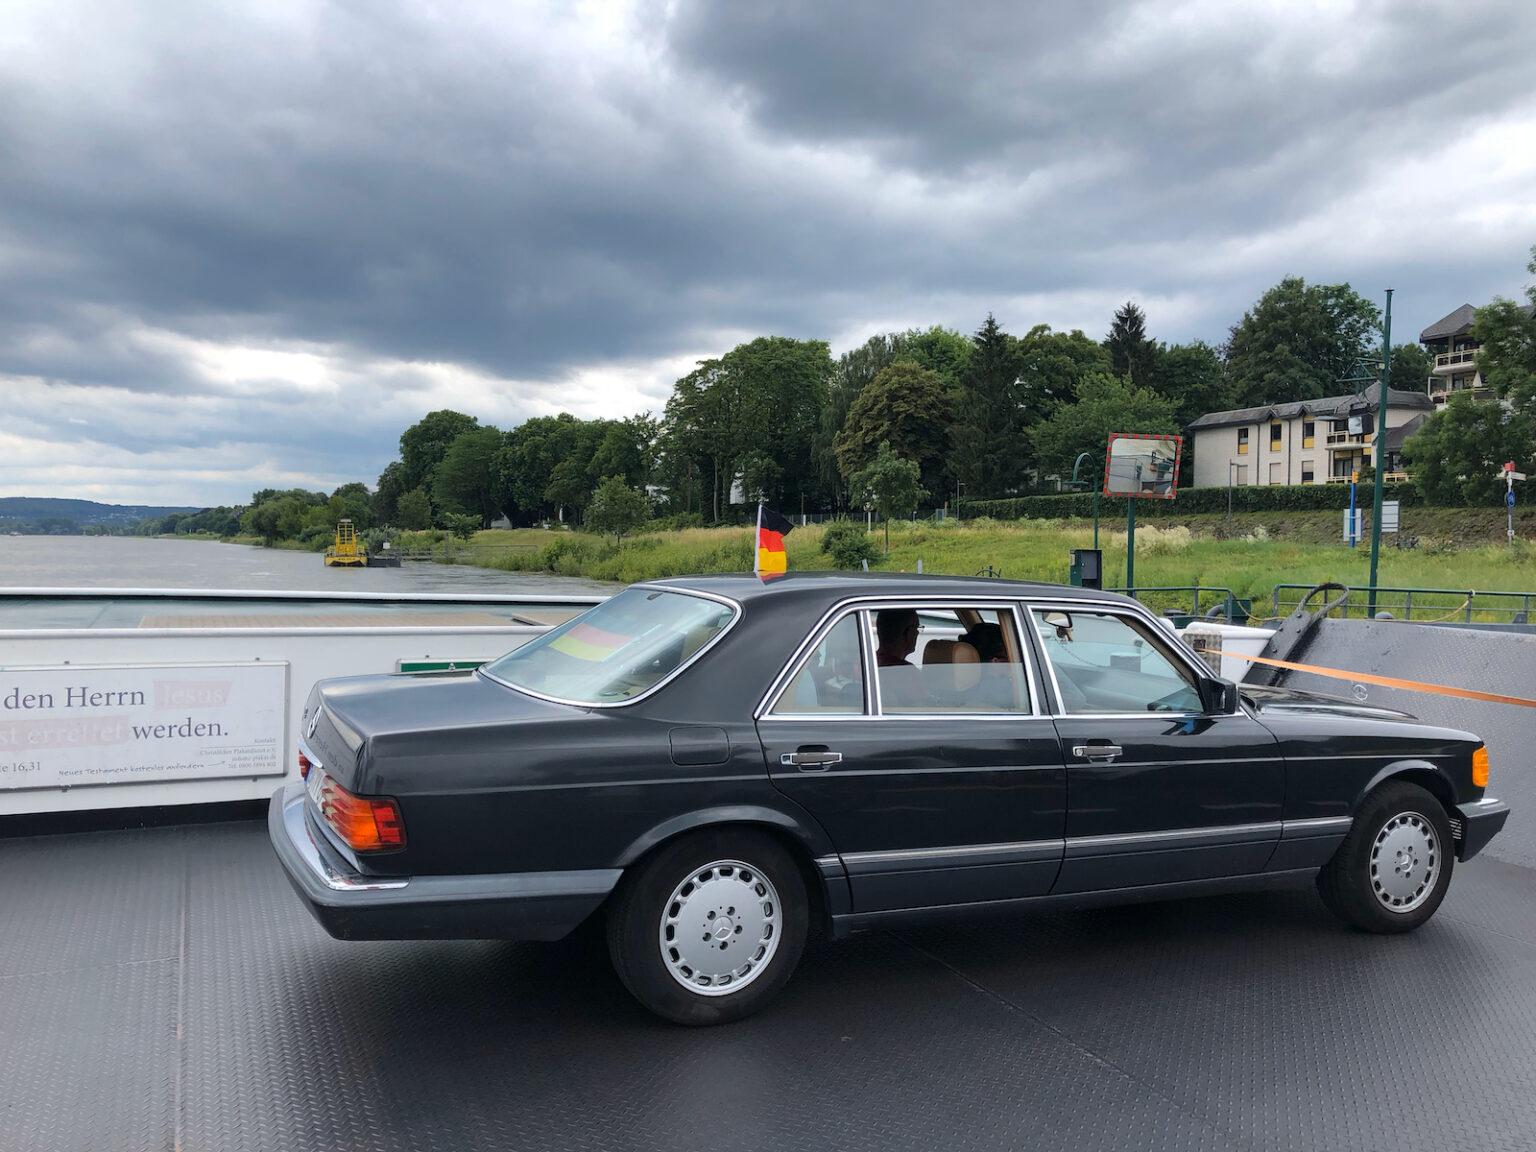 Helmut Kohl auf der Rheinfähre?